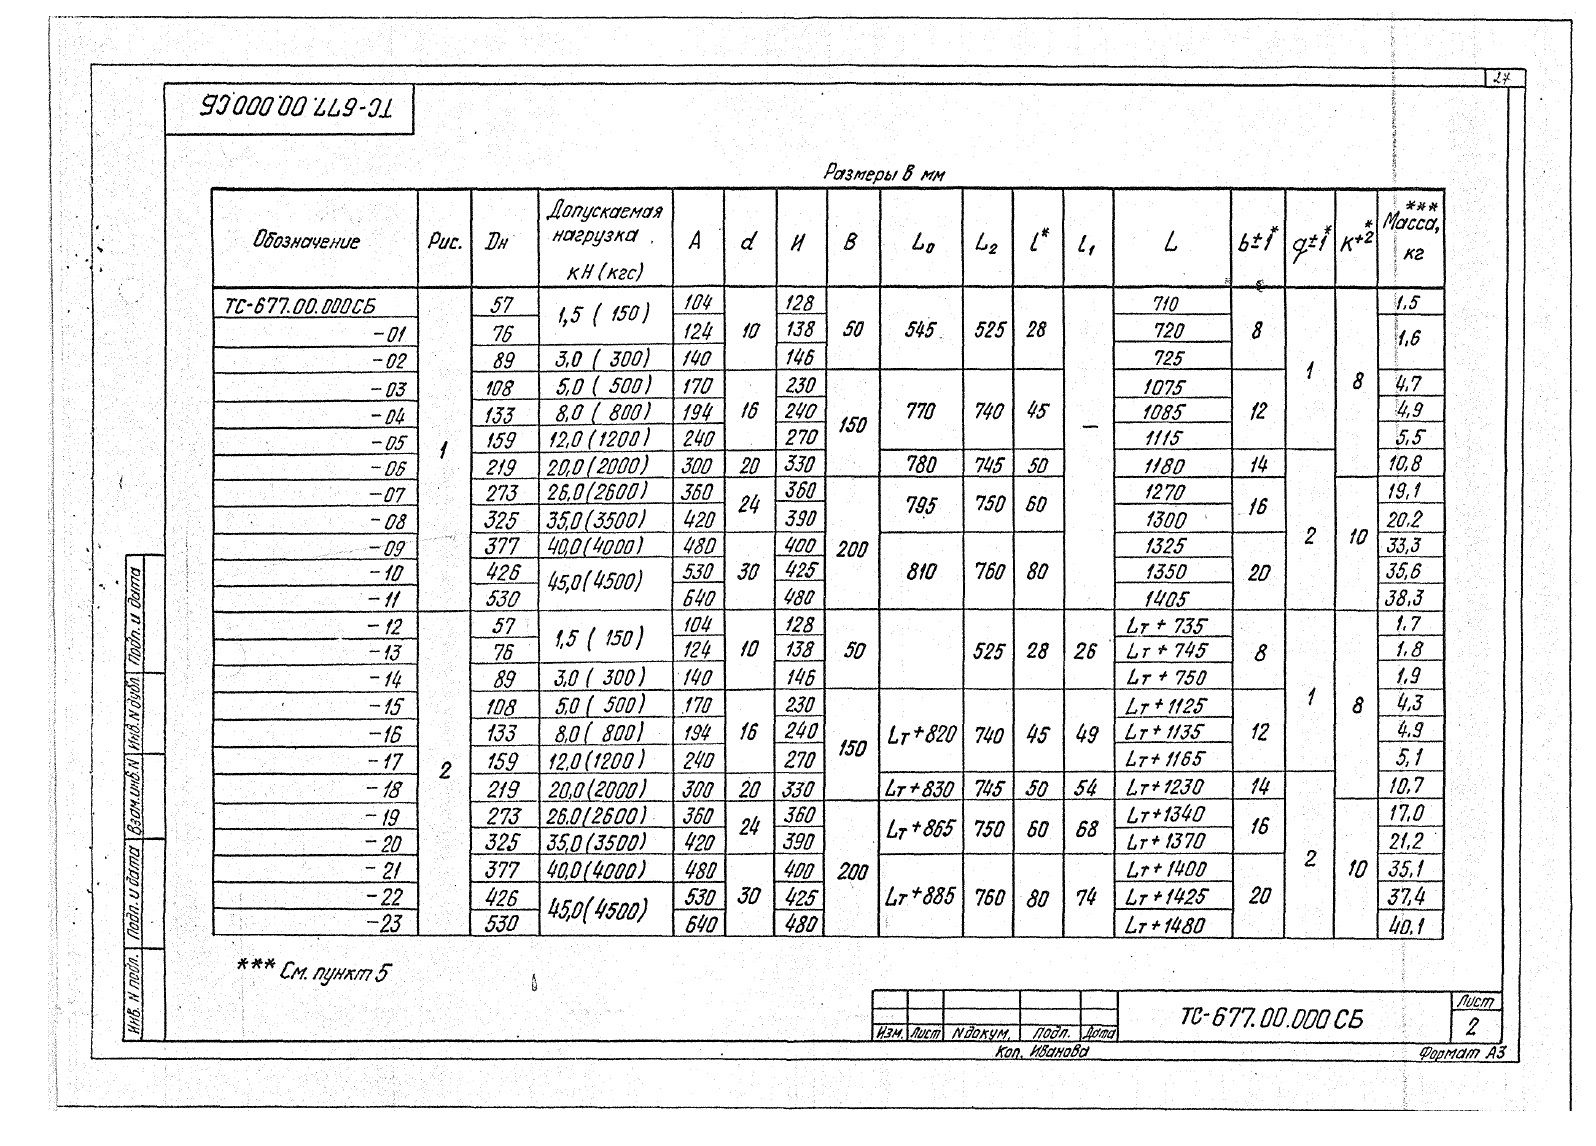 Подвески жесткие Дн 57-530 ТС-677 с.5.903-13 вып.6-95 стр.2